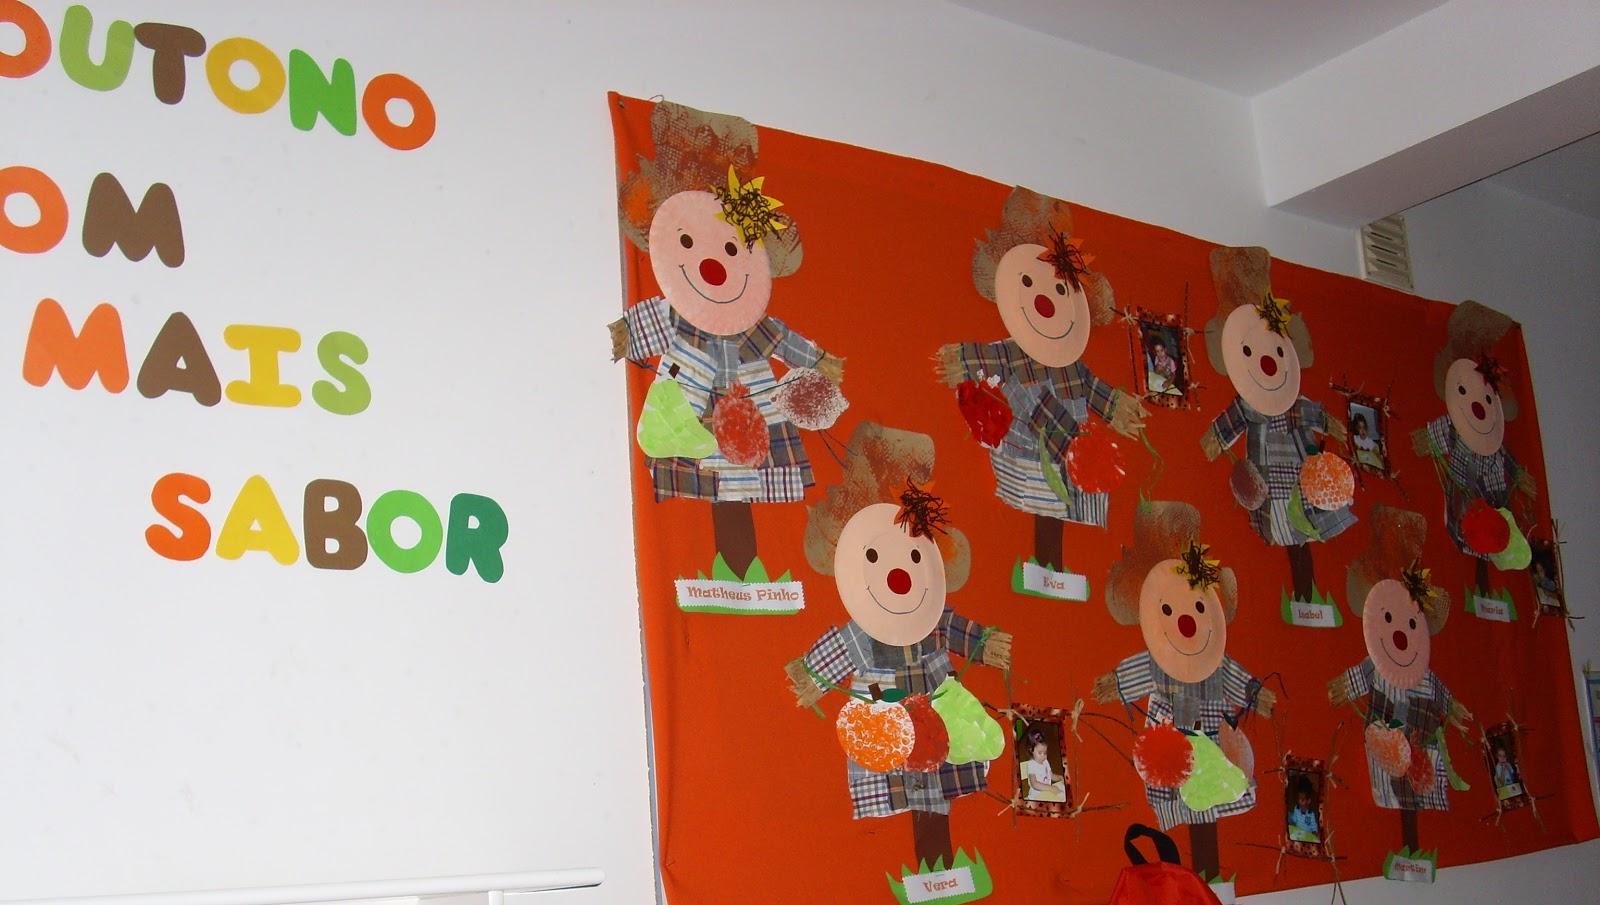 ideias para o outono jardim de infancia : ideias para o outono jardim de infancia:No mundo dos pequeninos: Outono